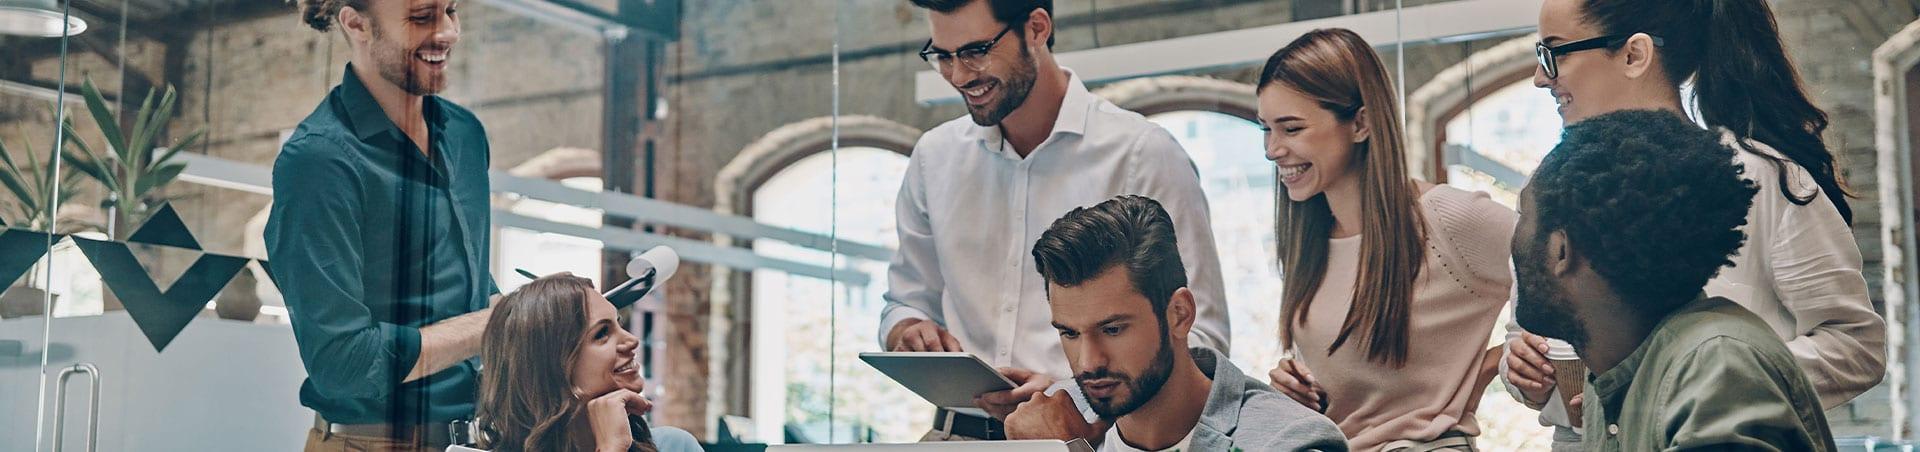 Das Foto zeigt ein junges fröhliches Team in einem Büro. Sie arbeiten gemeinsam an einem Projekt.